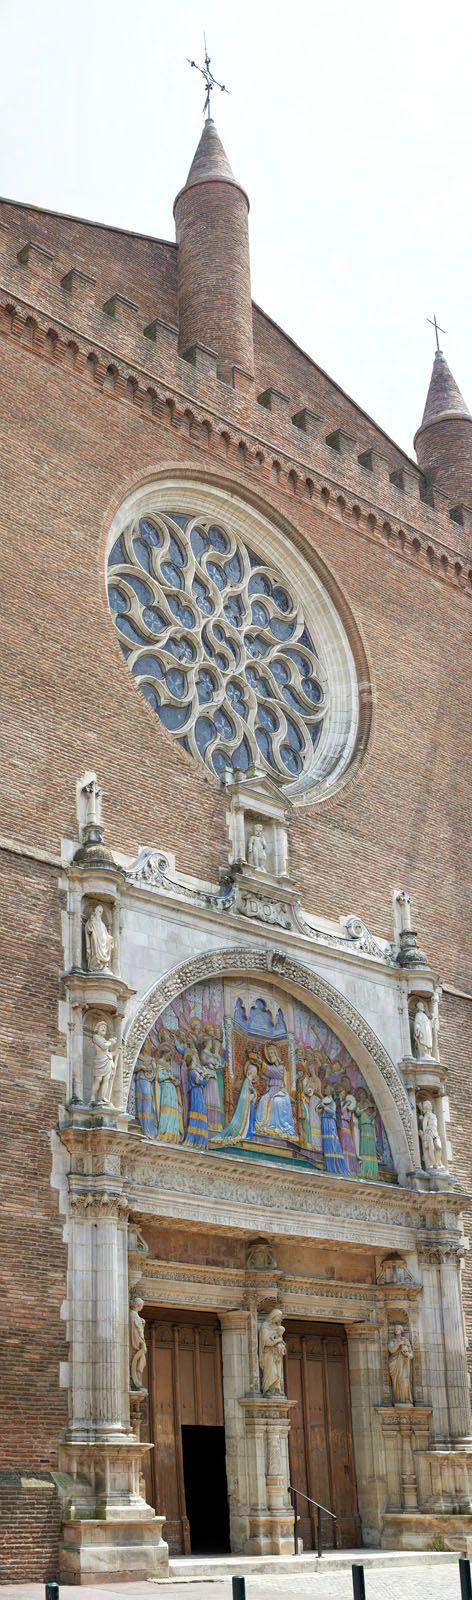 Notre-Dame de la Dalbade et son célèbre tympan en céramique. © D. Viet #visiteztoulouse #toulouse